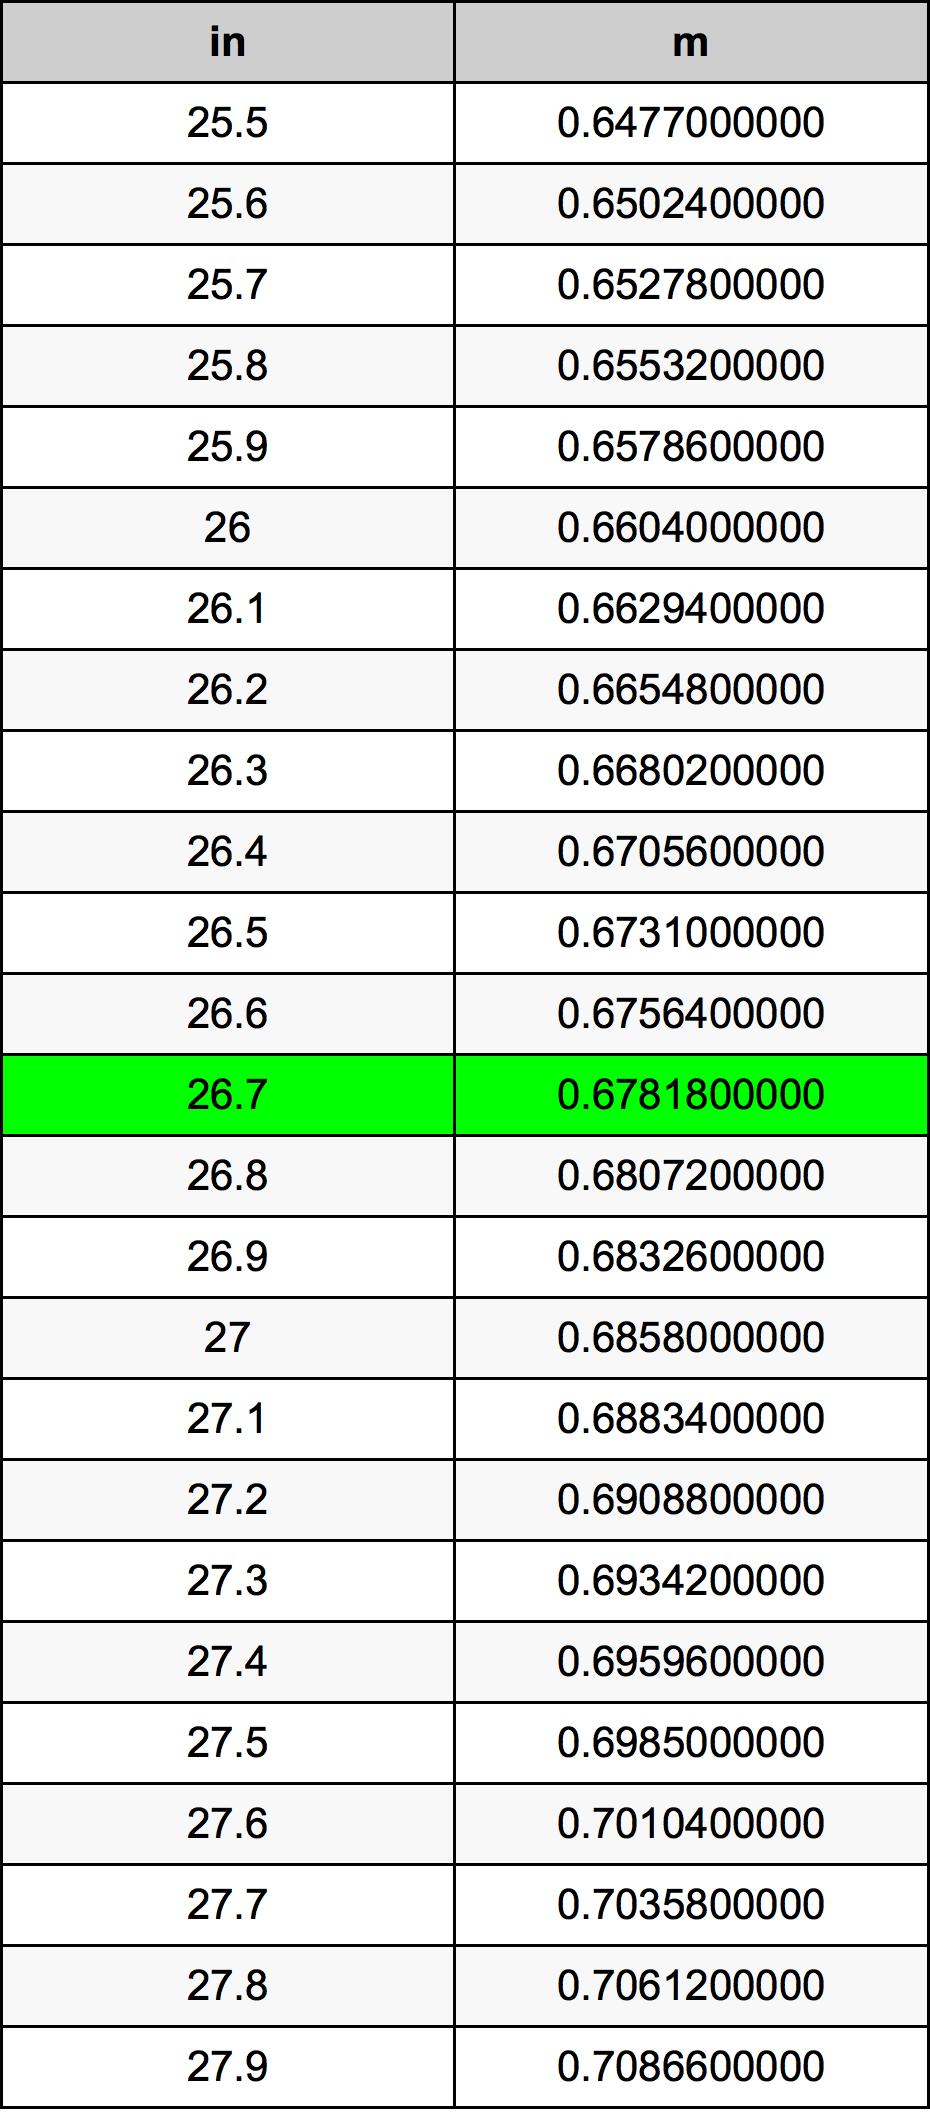 26.7英寸換算表